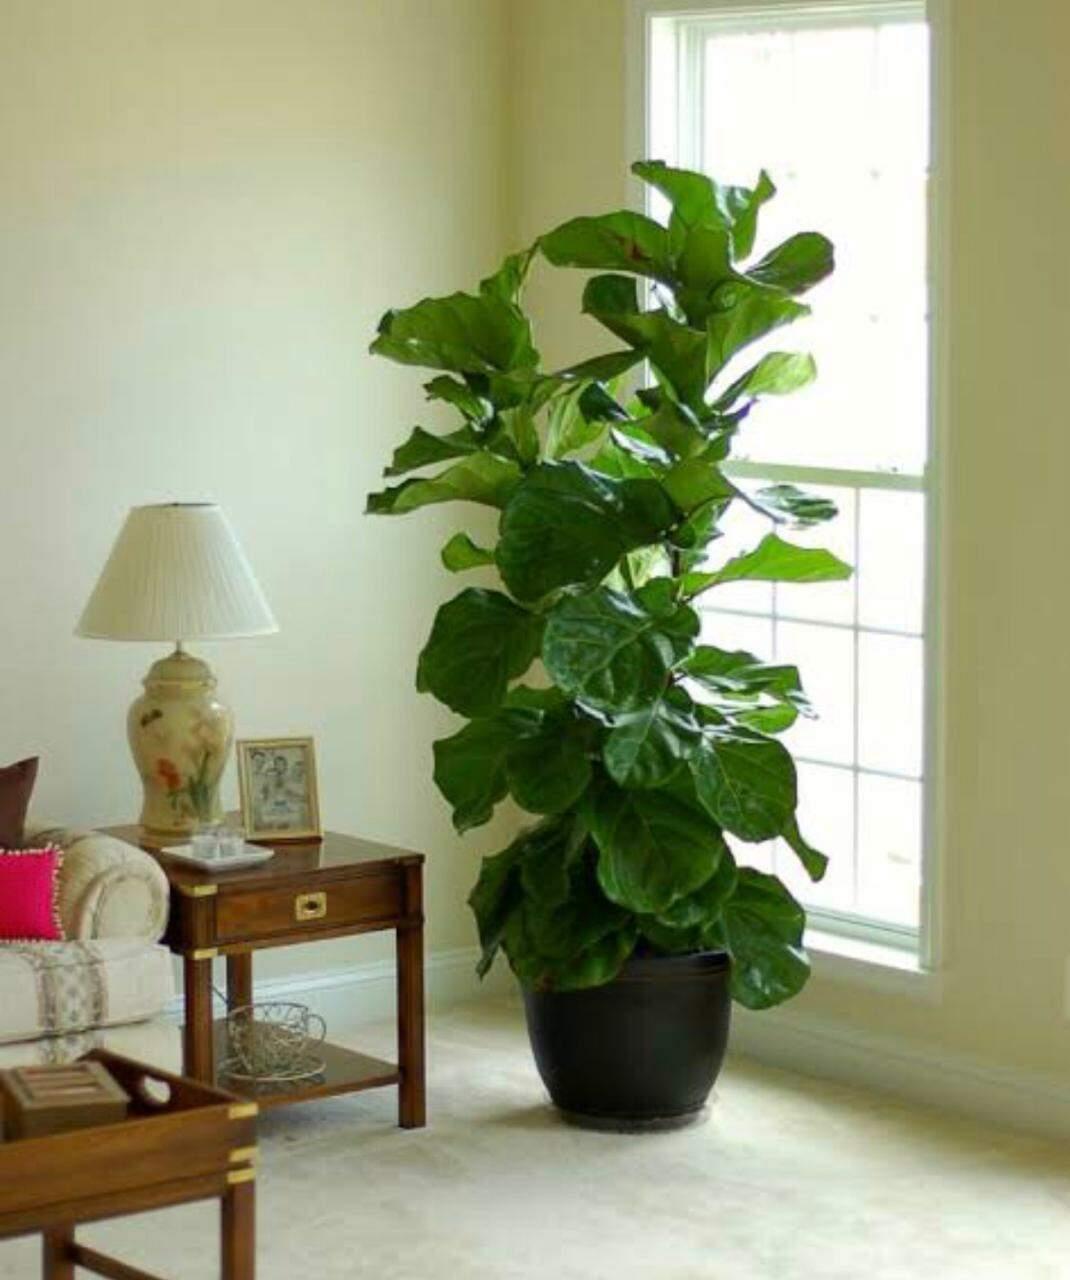 A ficus precisa ser cultivada em local com boa iluminação. (Foto: Reprodução/Internet)